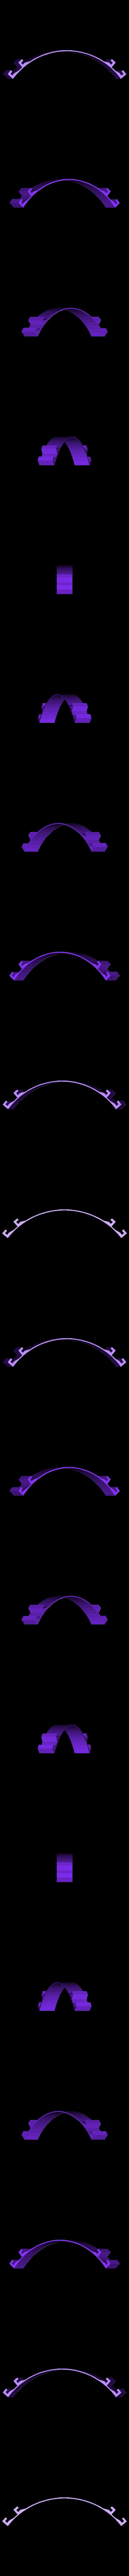 SUJECION MASCARILLA DOBLE AGARRE 120MM.stl Télécharger fichier STL gratuit Porte-masque simple et double courbe + Boucle d'oreille (pour sauver les oreilles) • Objet pour imprimante 3D, celtarra12